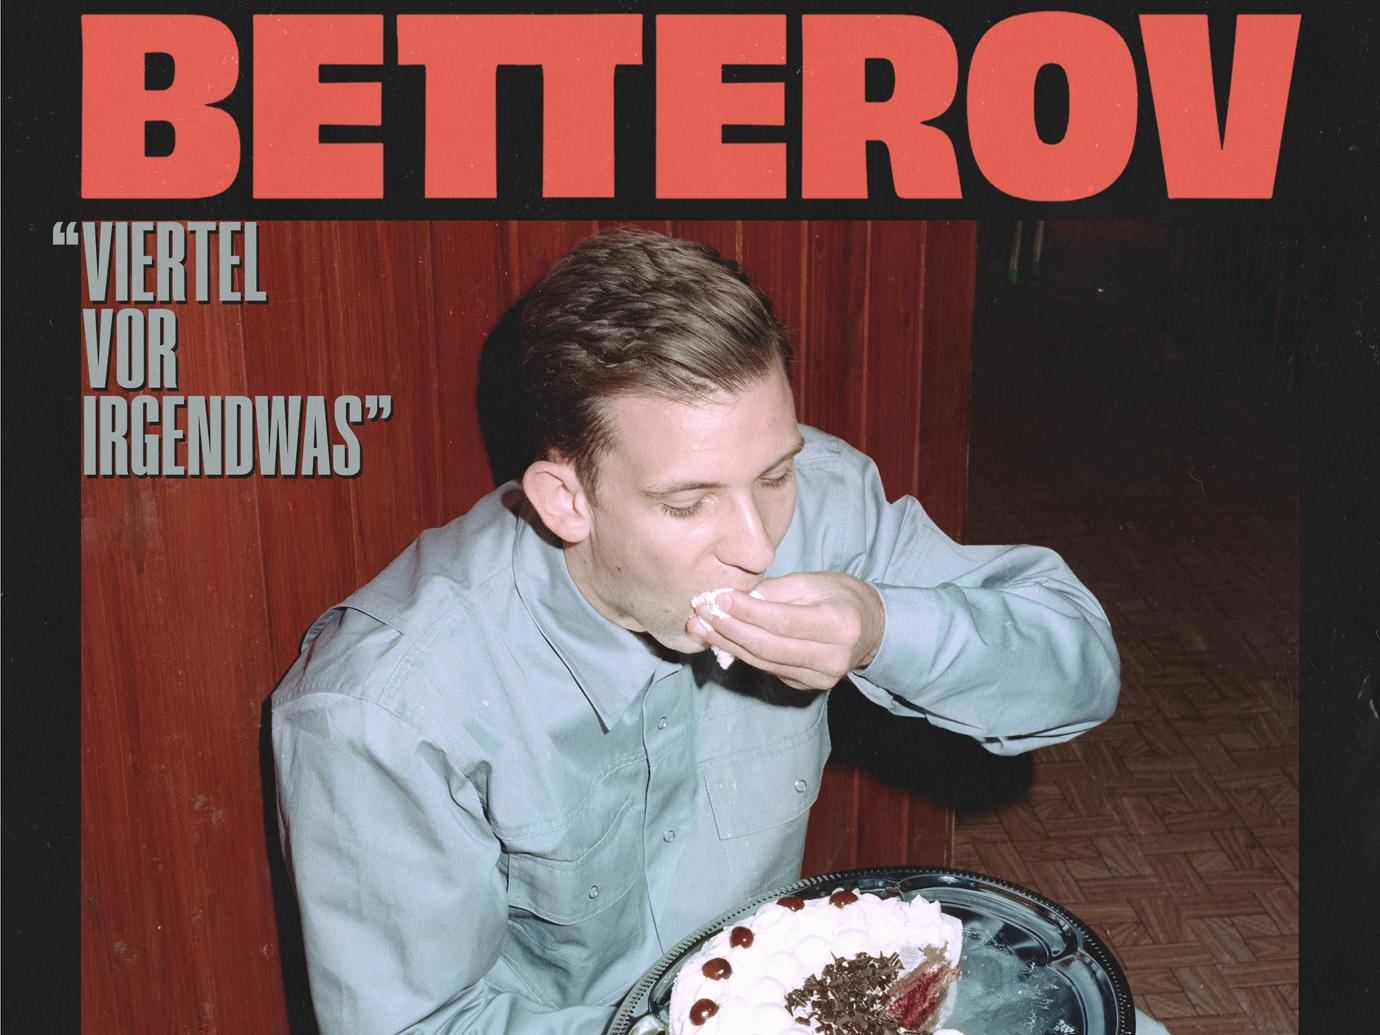 Album der Woche: Betterov – Viertel vor Irgendwas